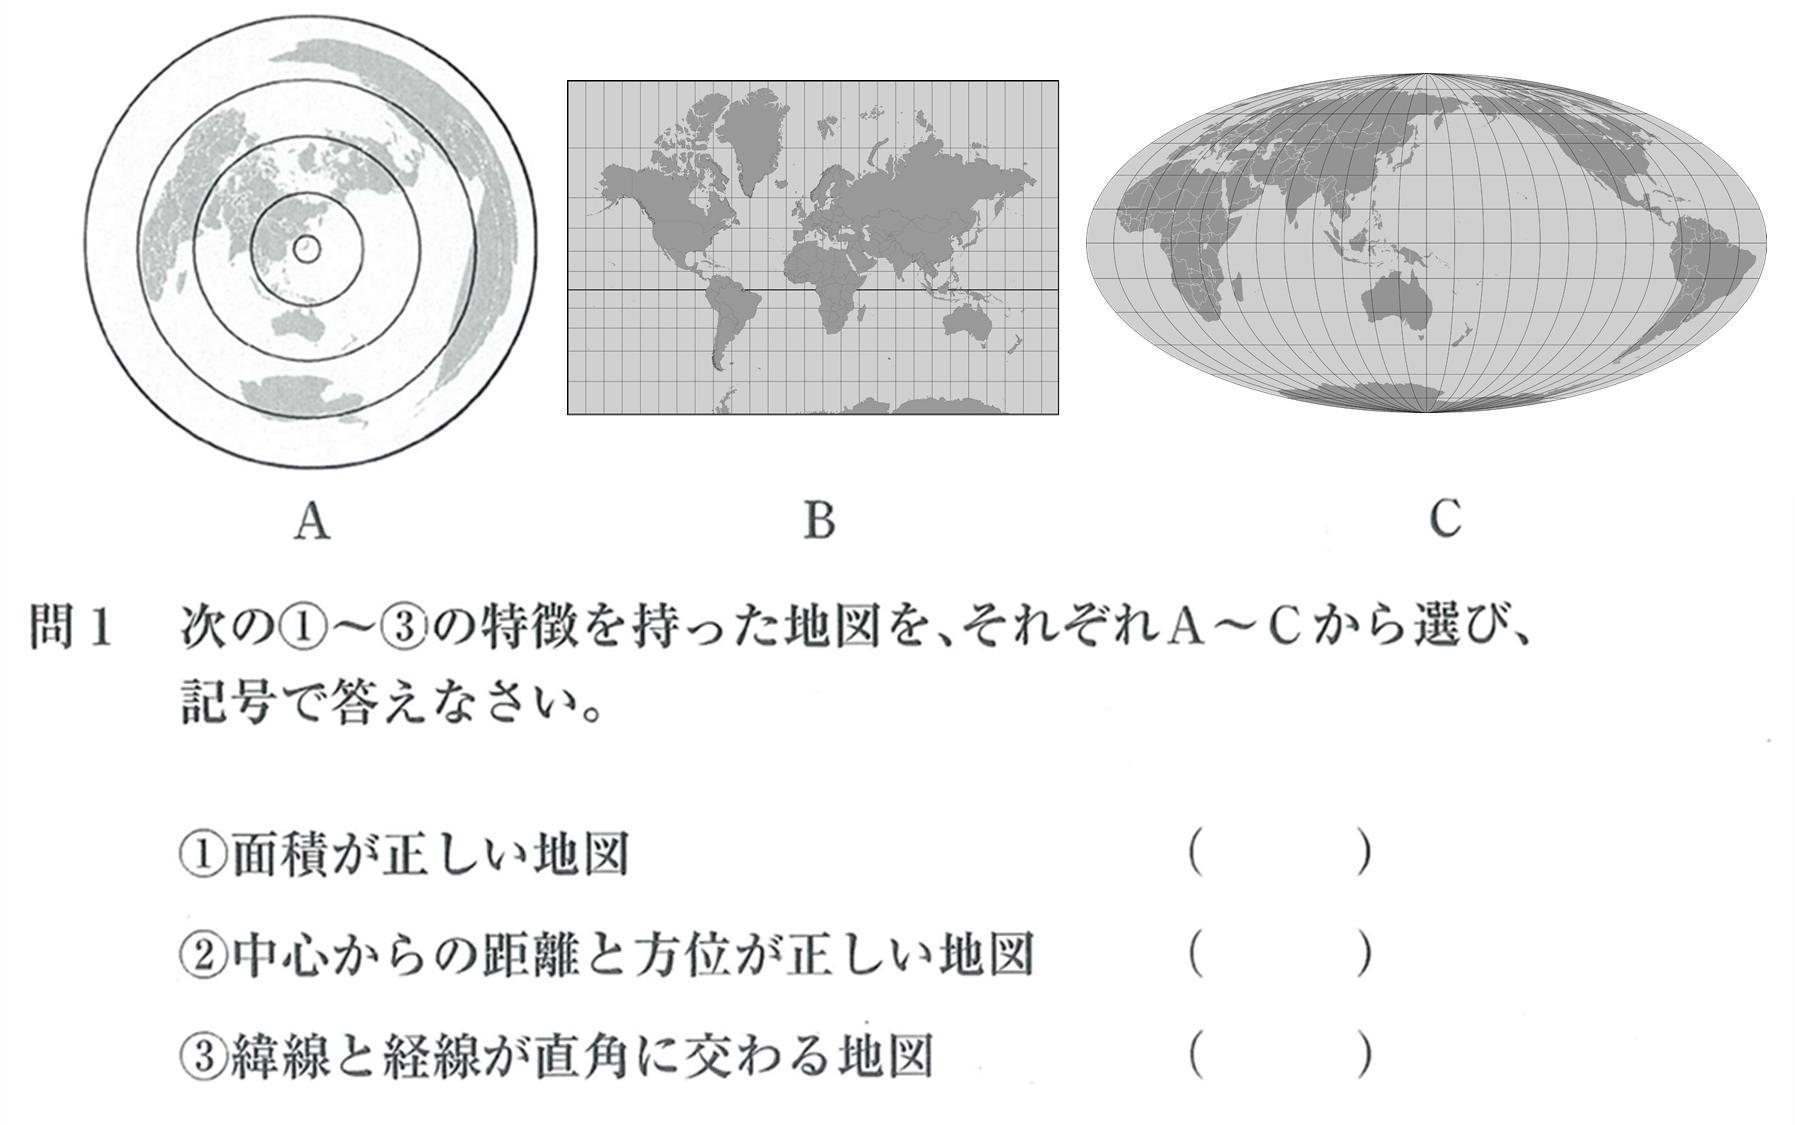 中学地理2 練習2 カッコ空欄 図と問1